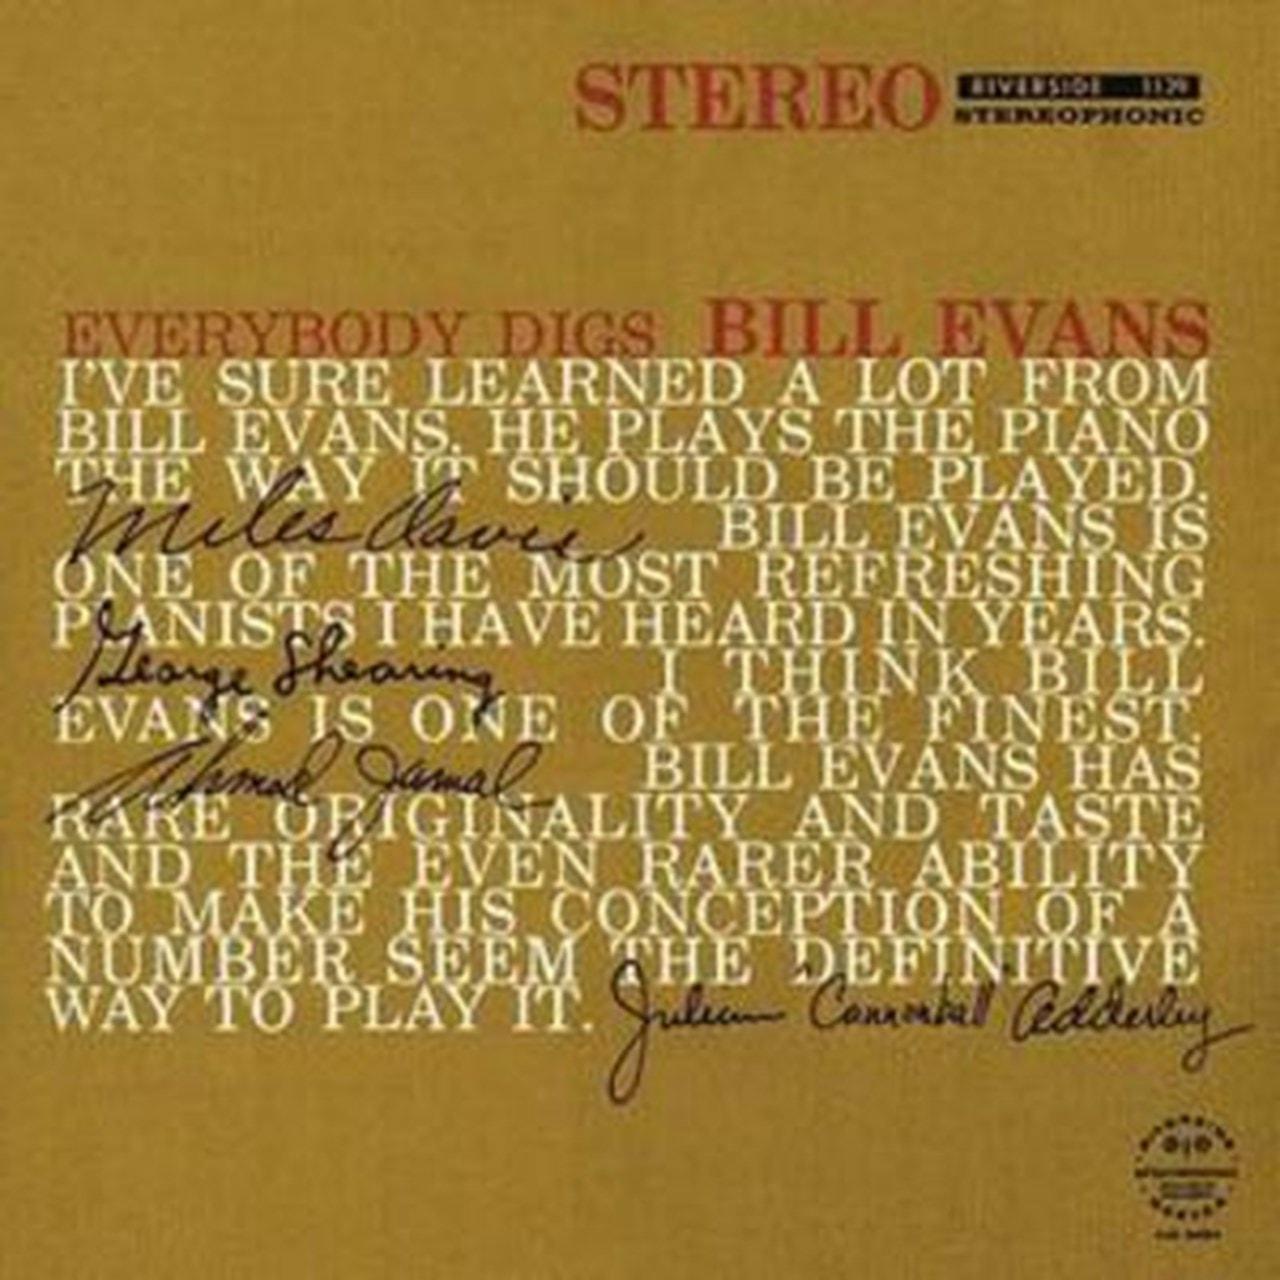 Everybody Digs Bill Evans - 1